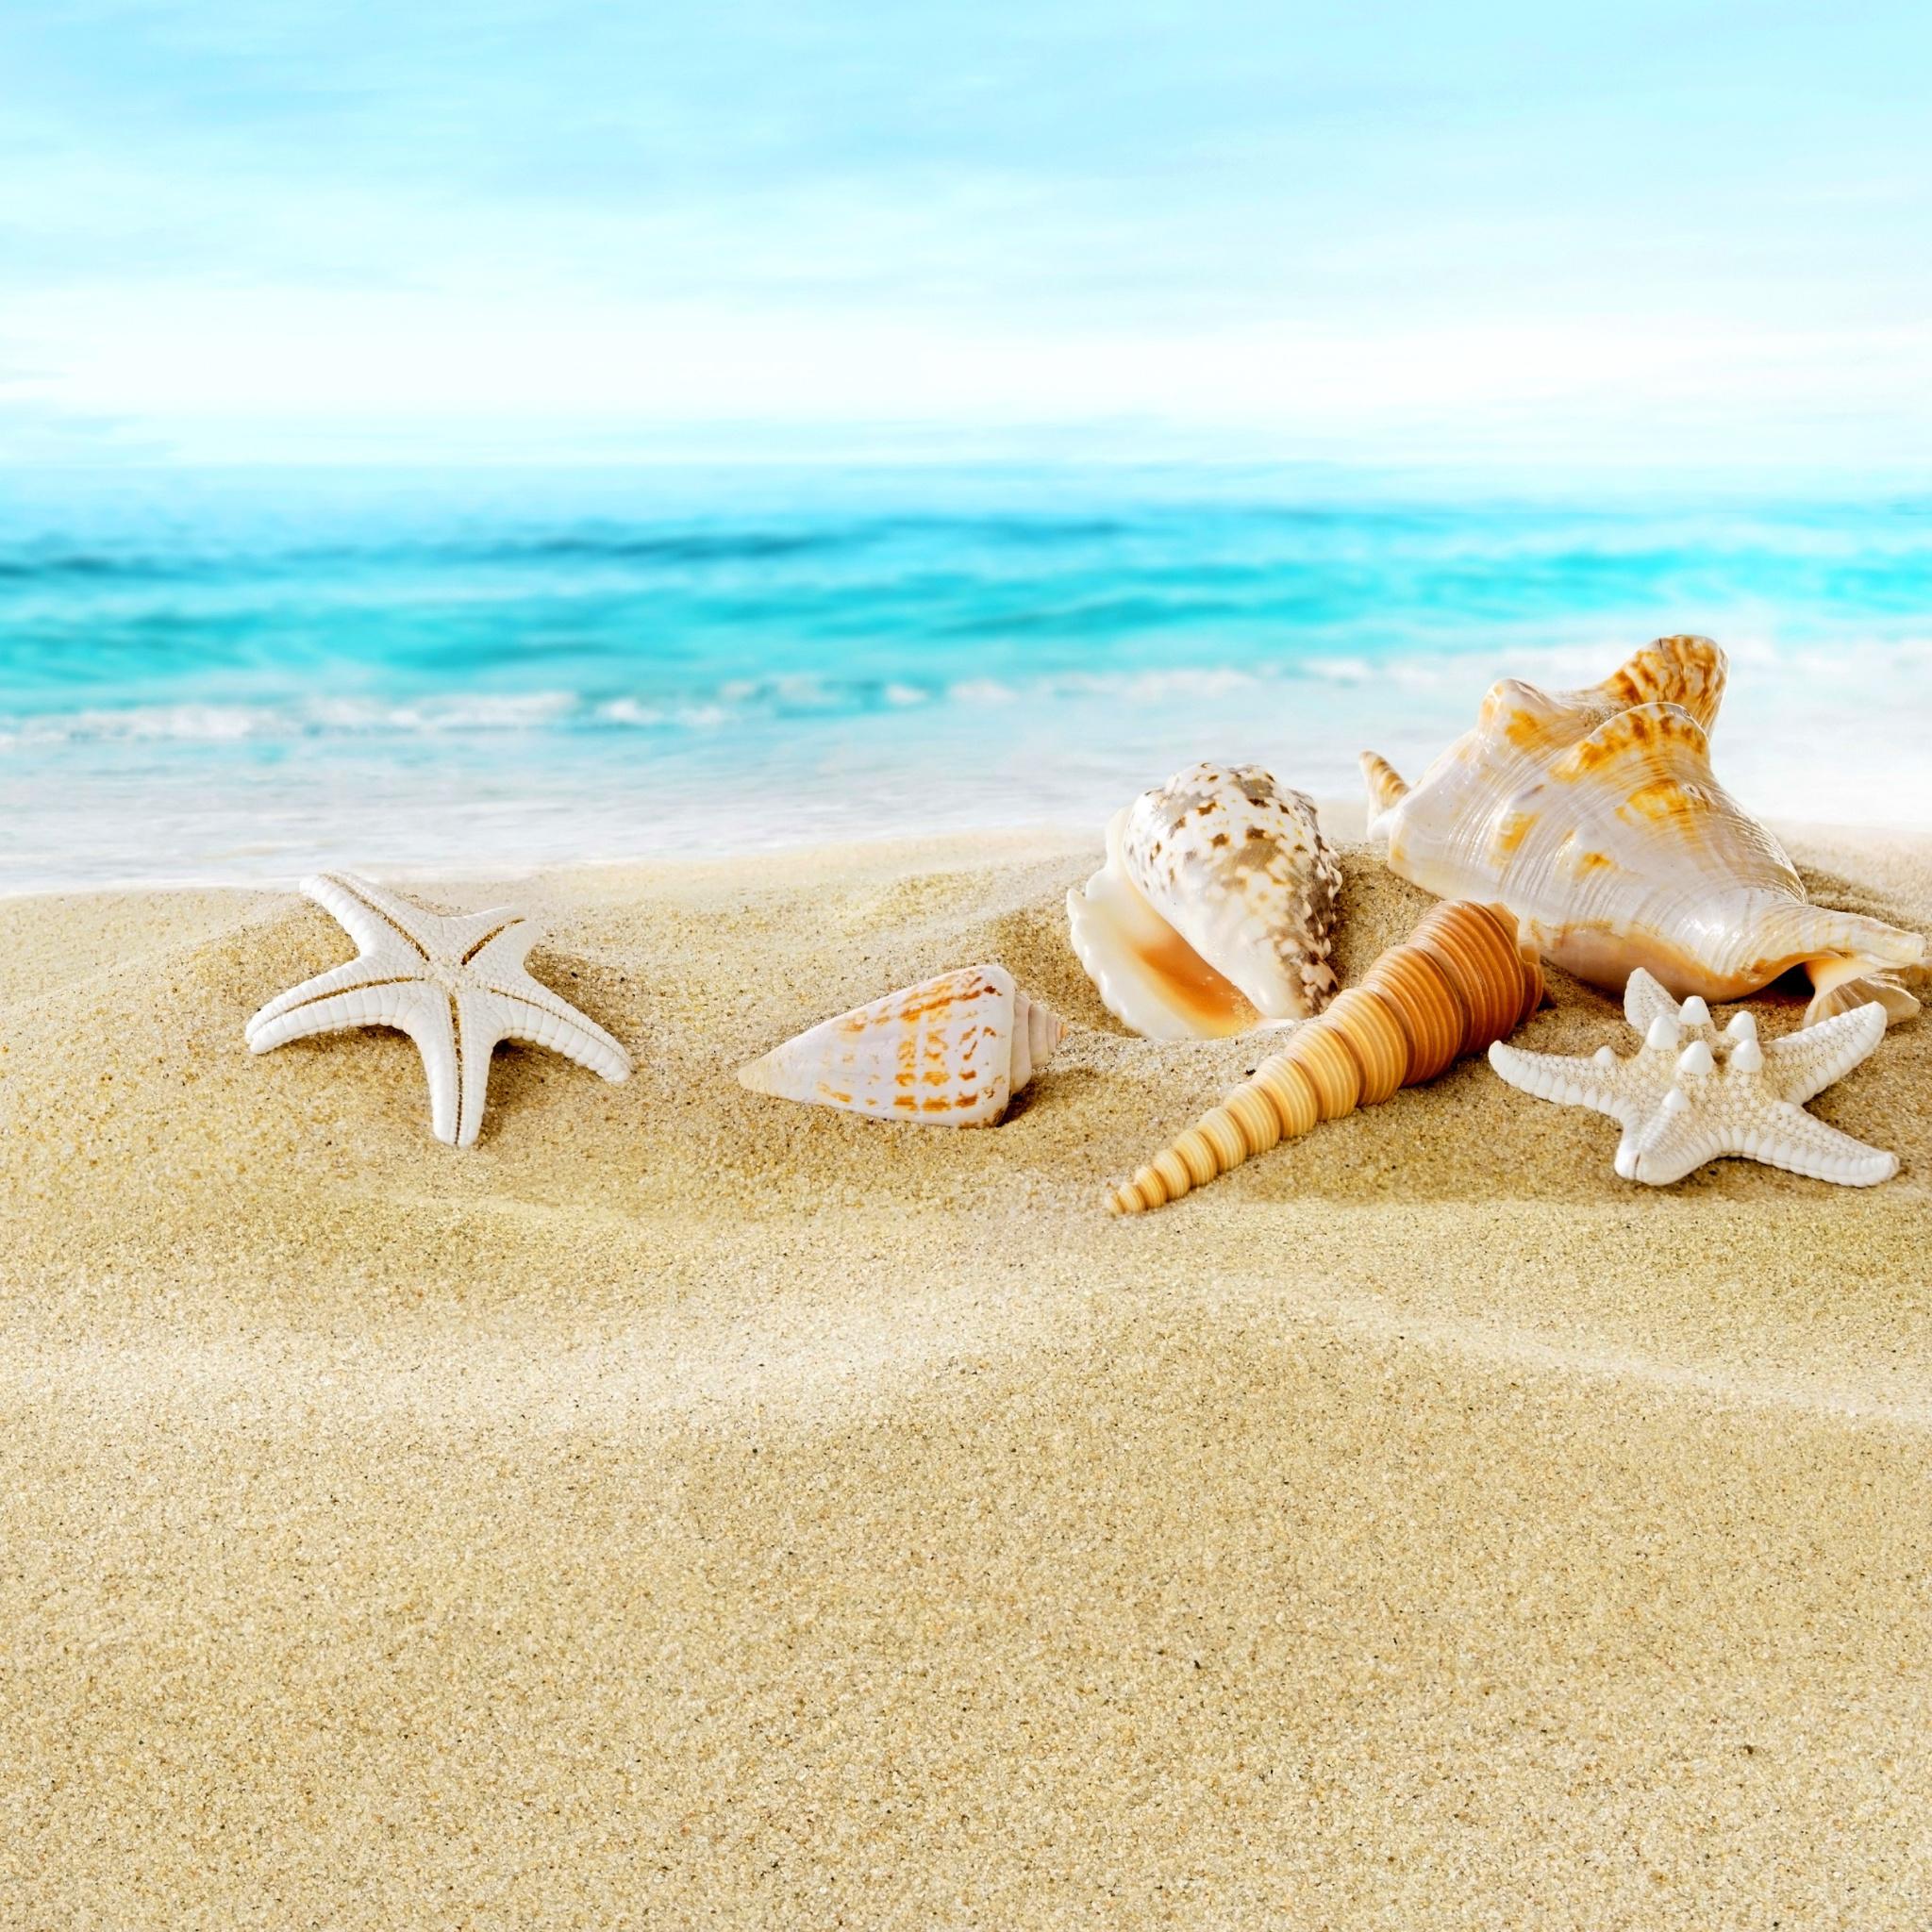 морская звезда песок ракушка скачать